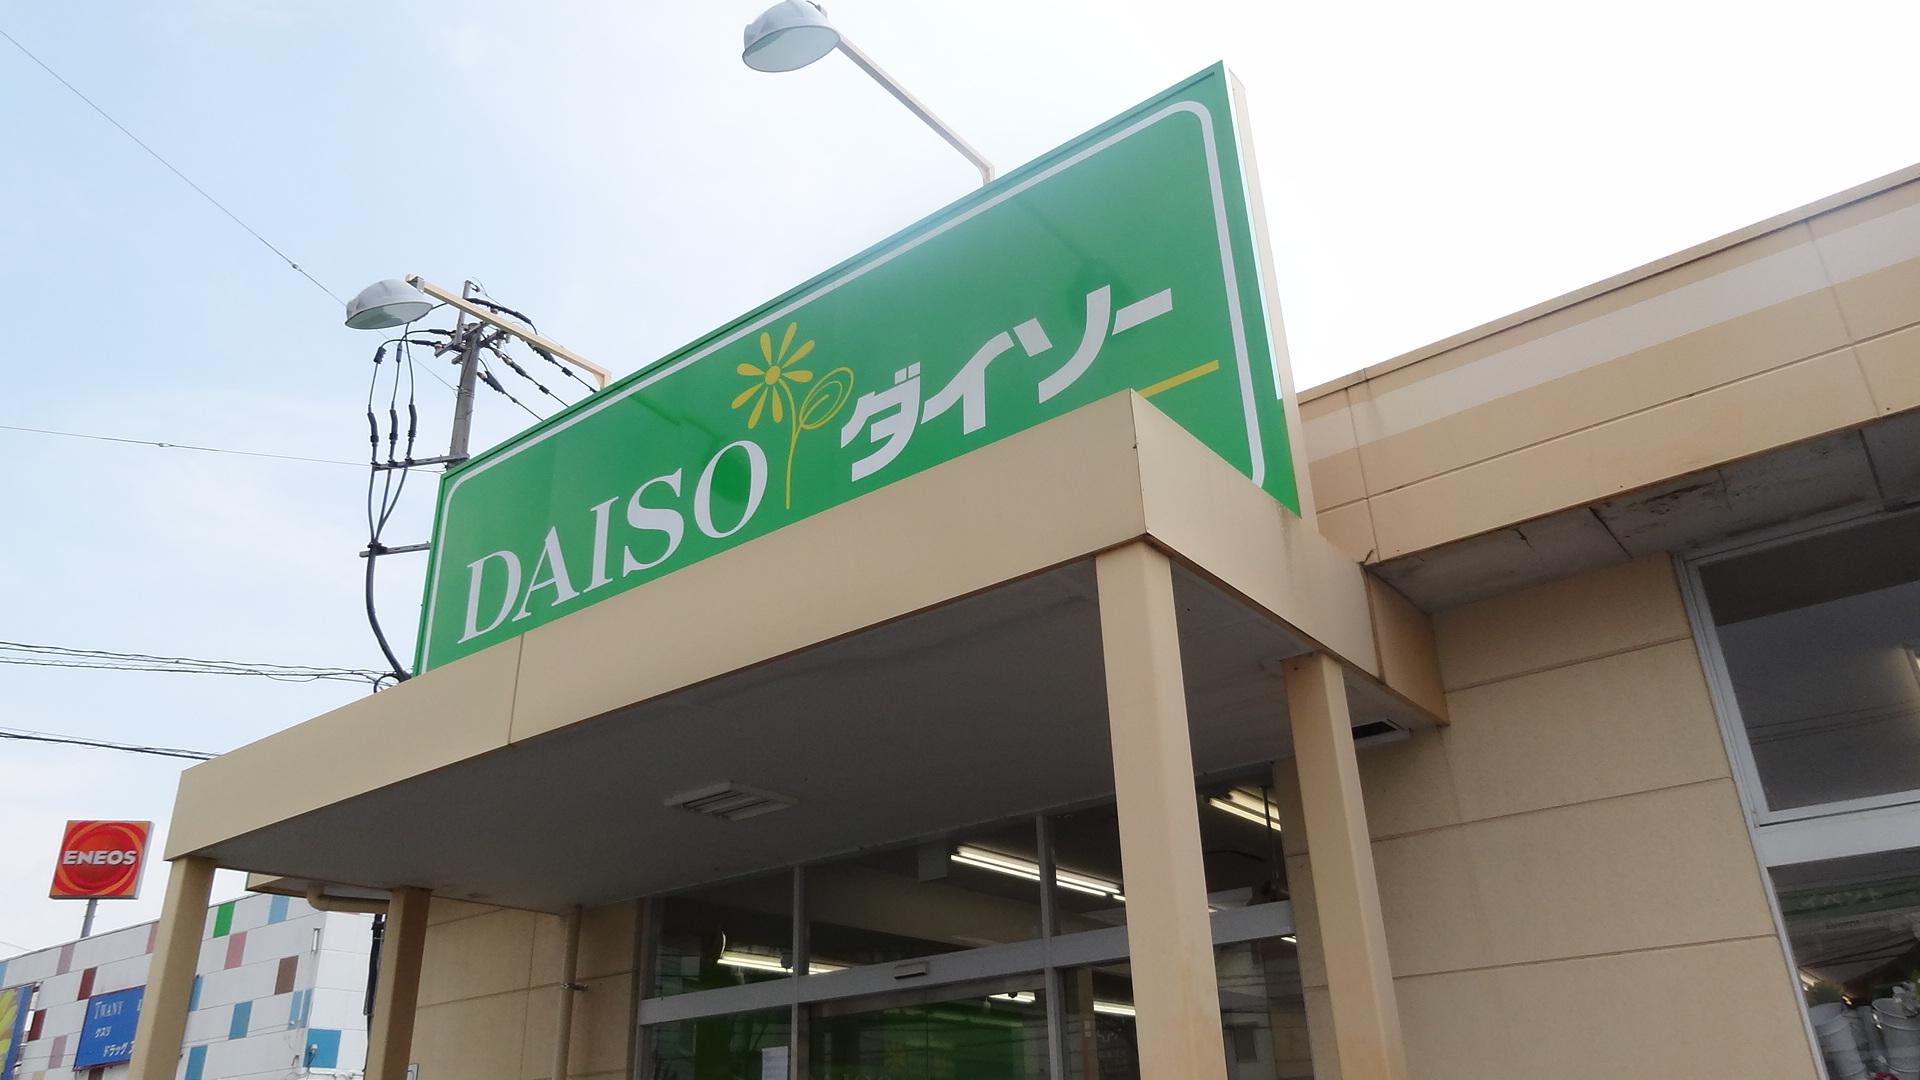 スーパー:ザ・ダイソー 熊本帯山店 216m